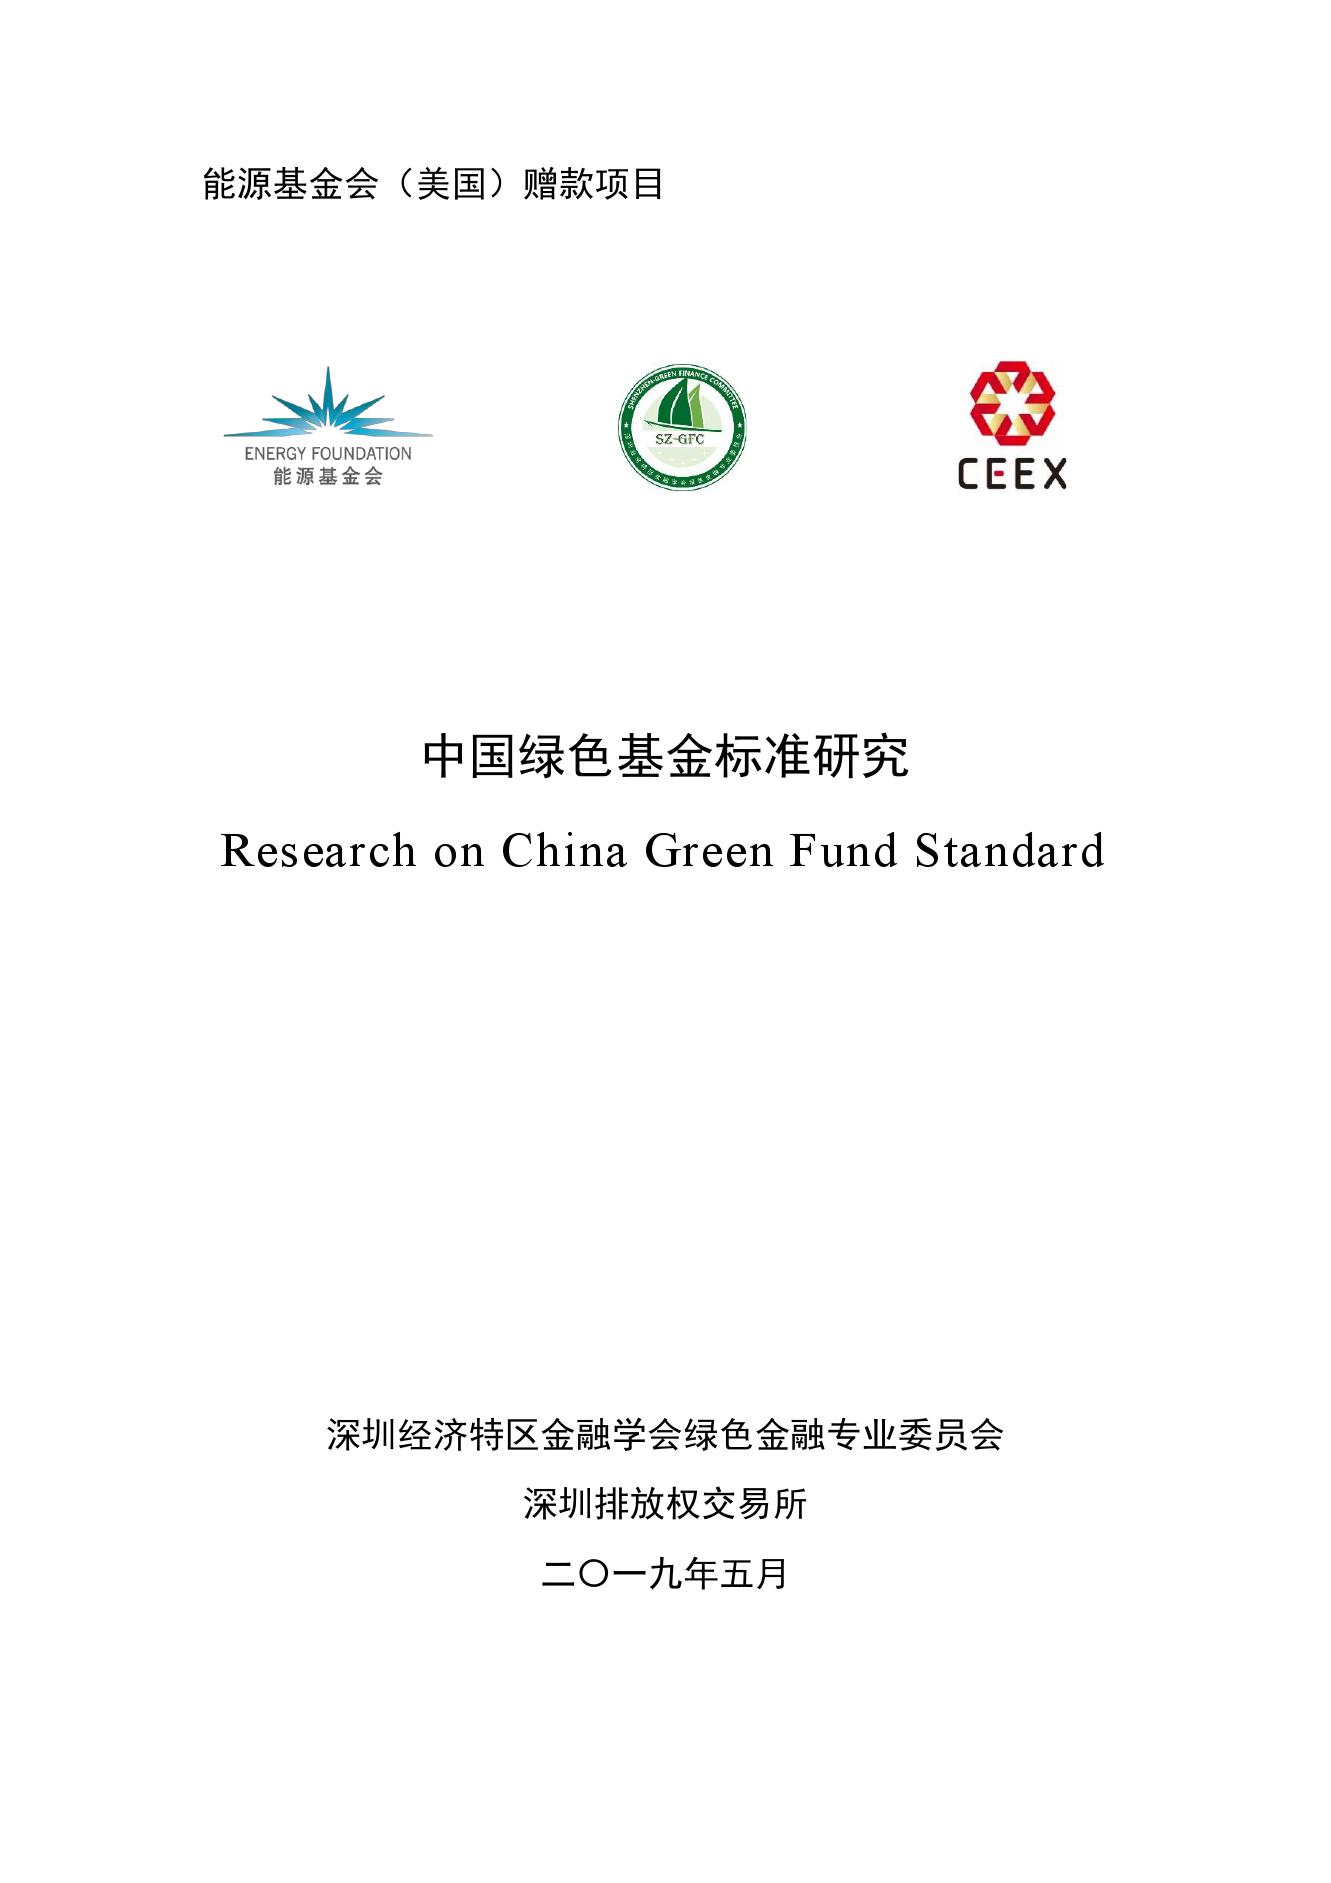 能源基金会:2019中国绿色基金标准研究(附下载)